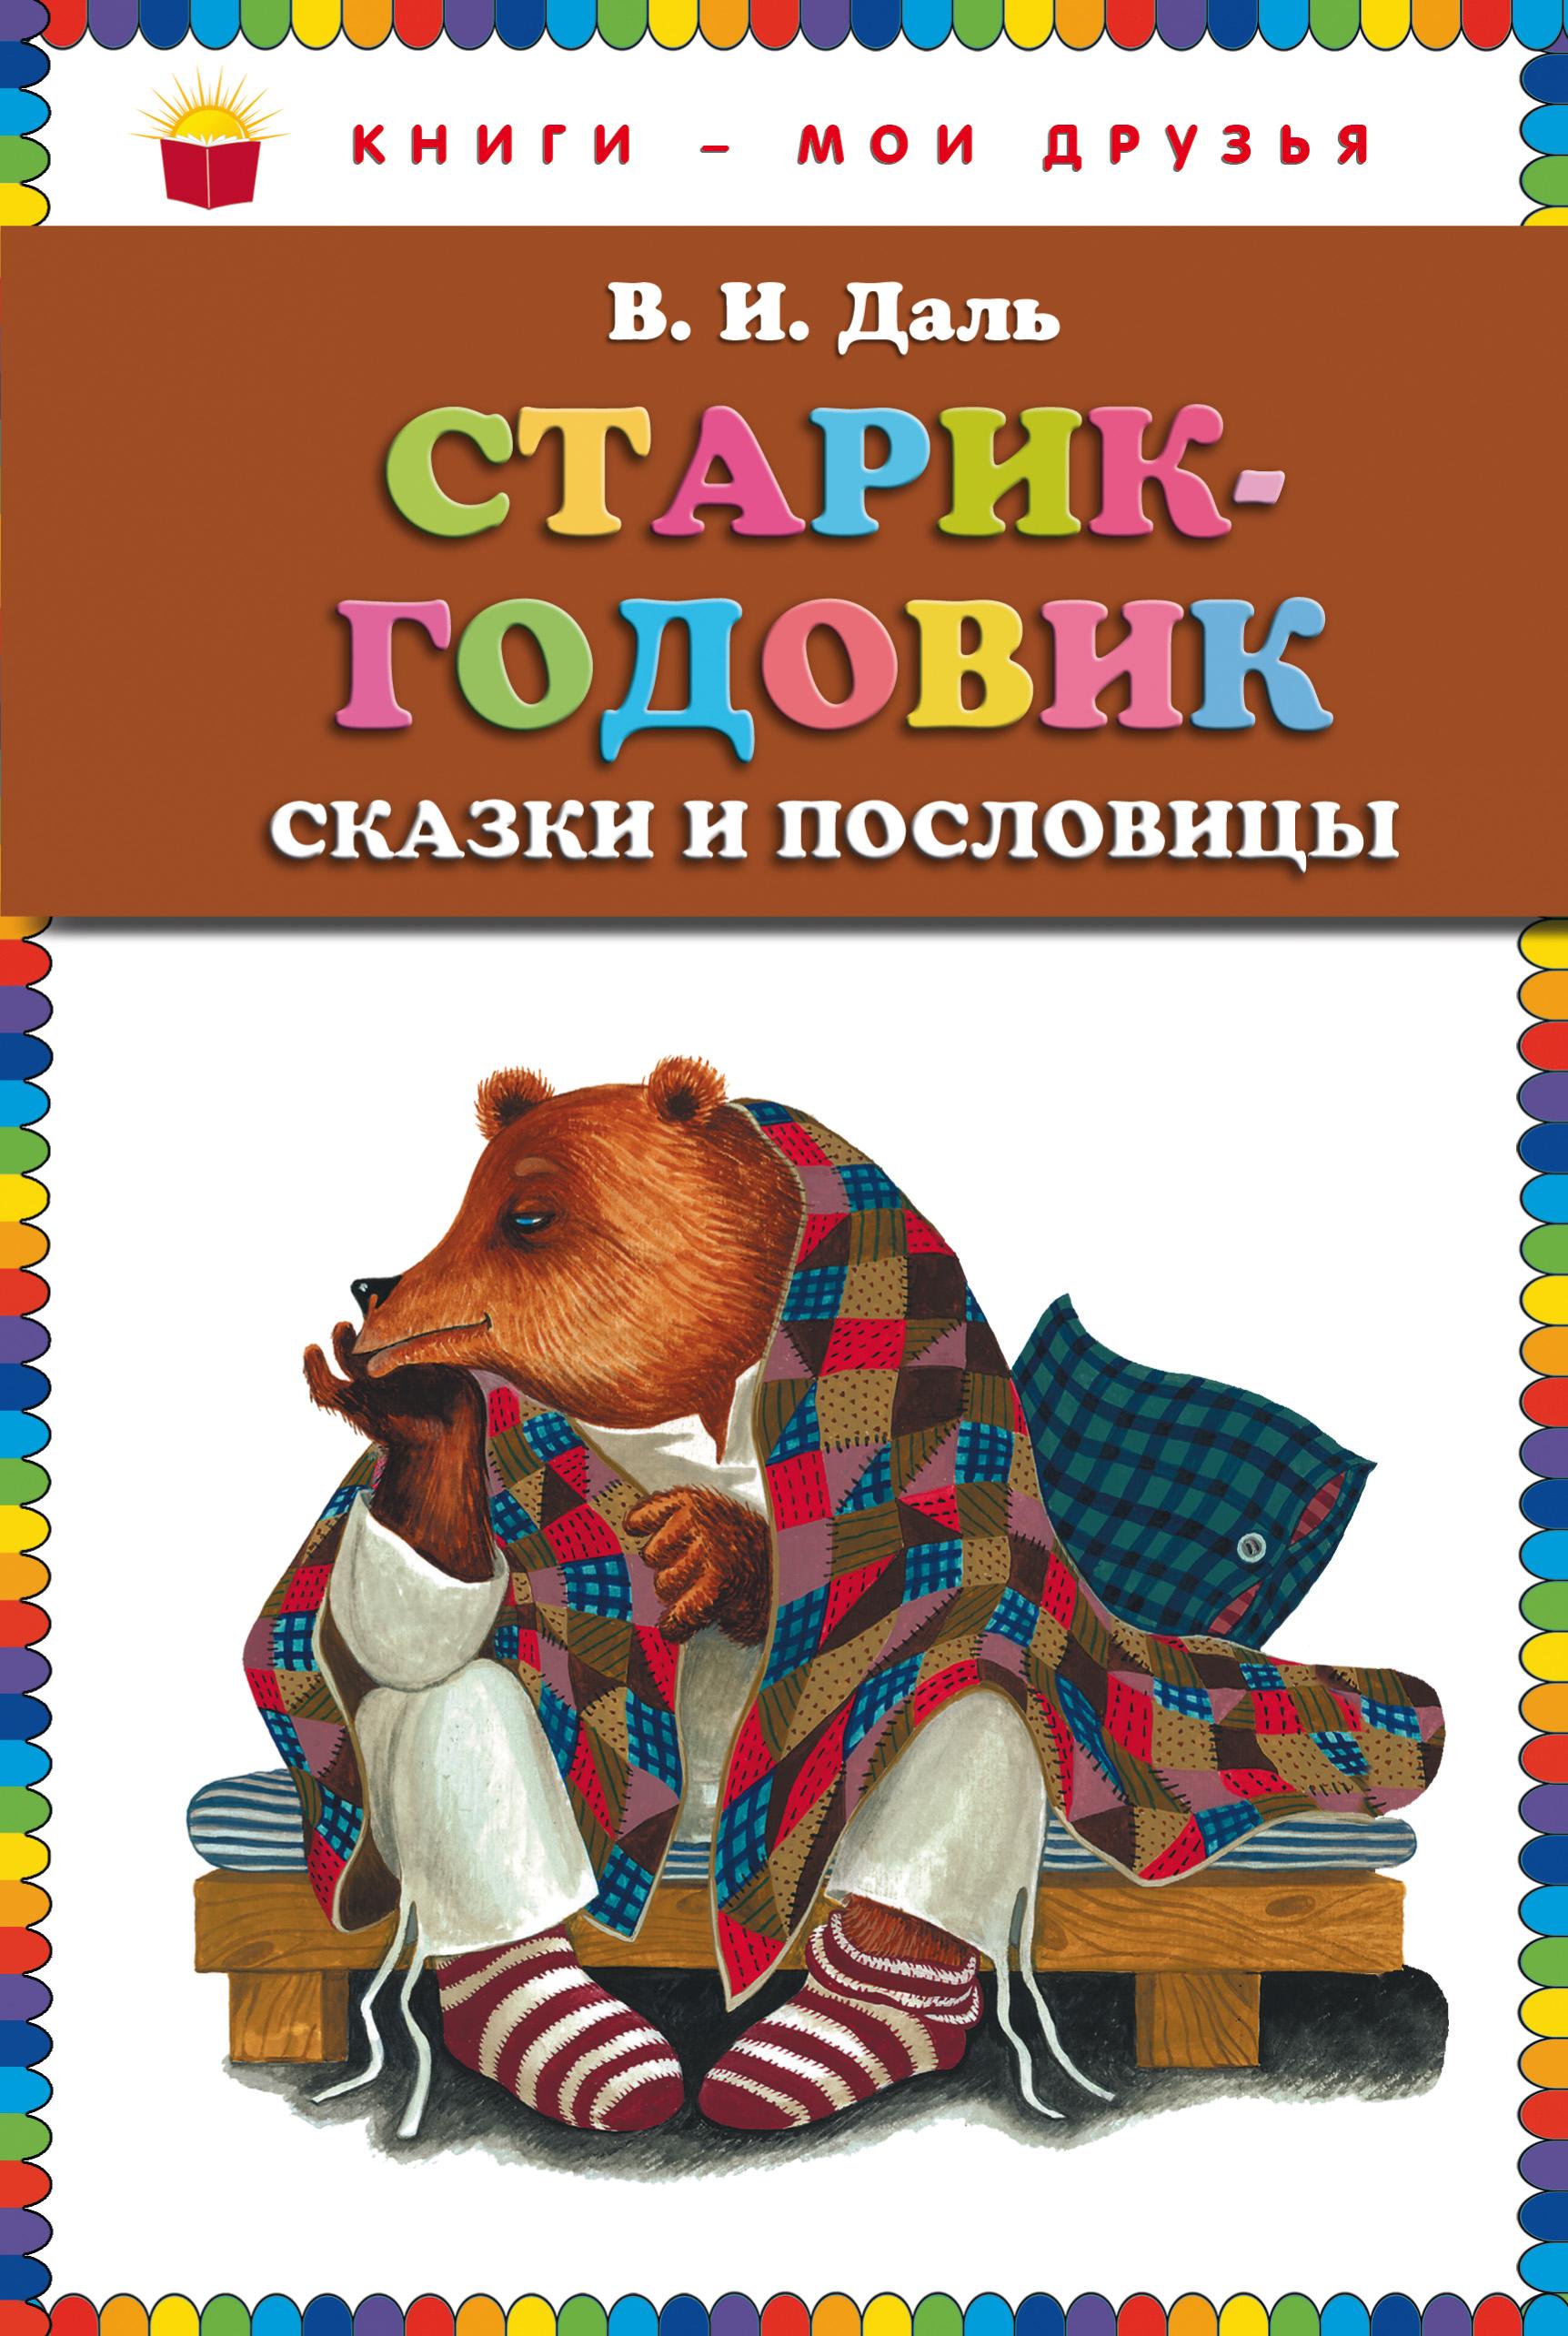 Владимир Иванович Даль Старик-годовик даль владимир иванович старик годовик сказки и пословицы